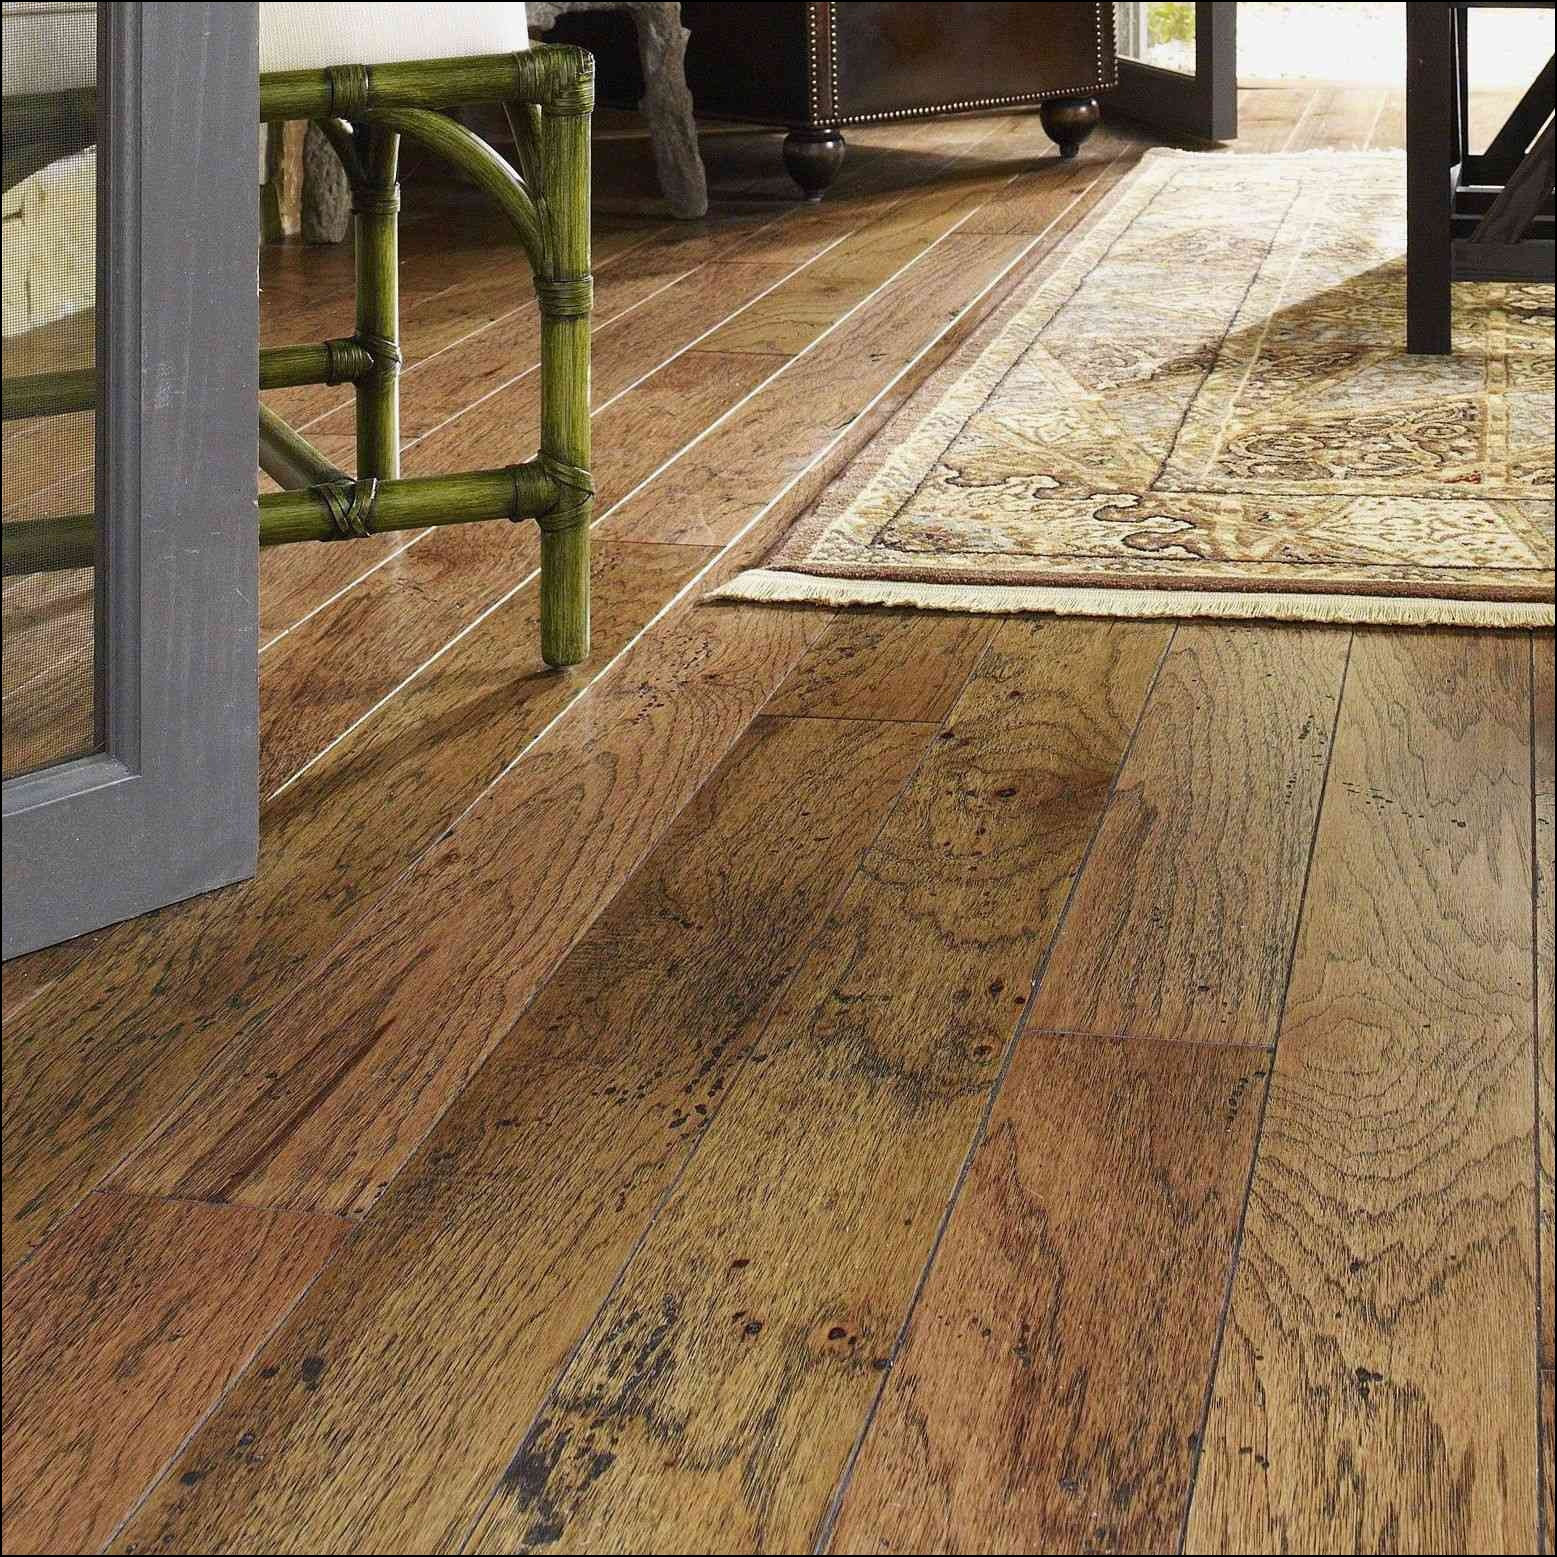 value hardwood flooring toronto of wide plank flooring ideas regarding wide plank dark wood flooring images best type wood flooring best floor floor wood floor wood